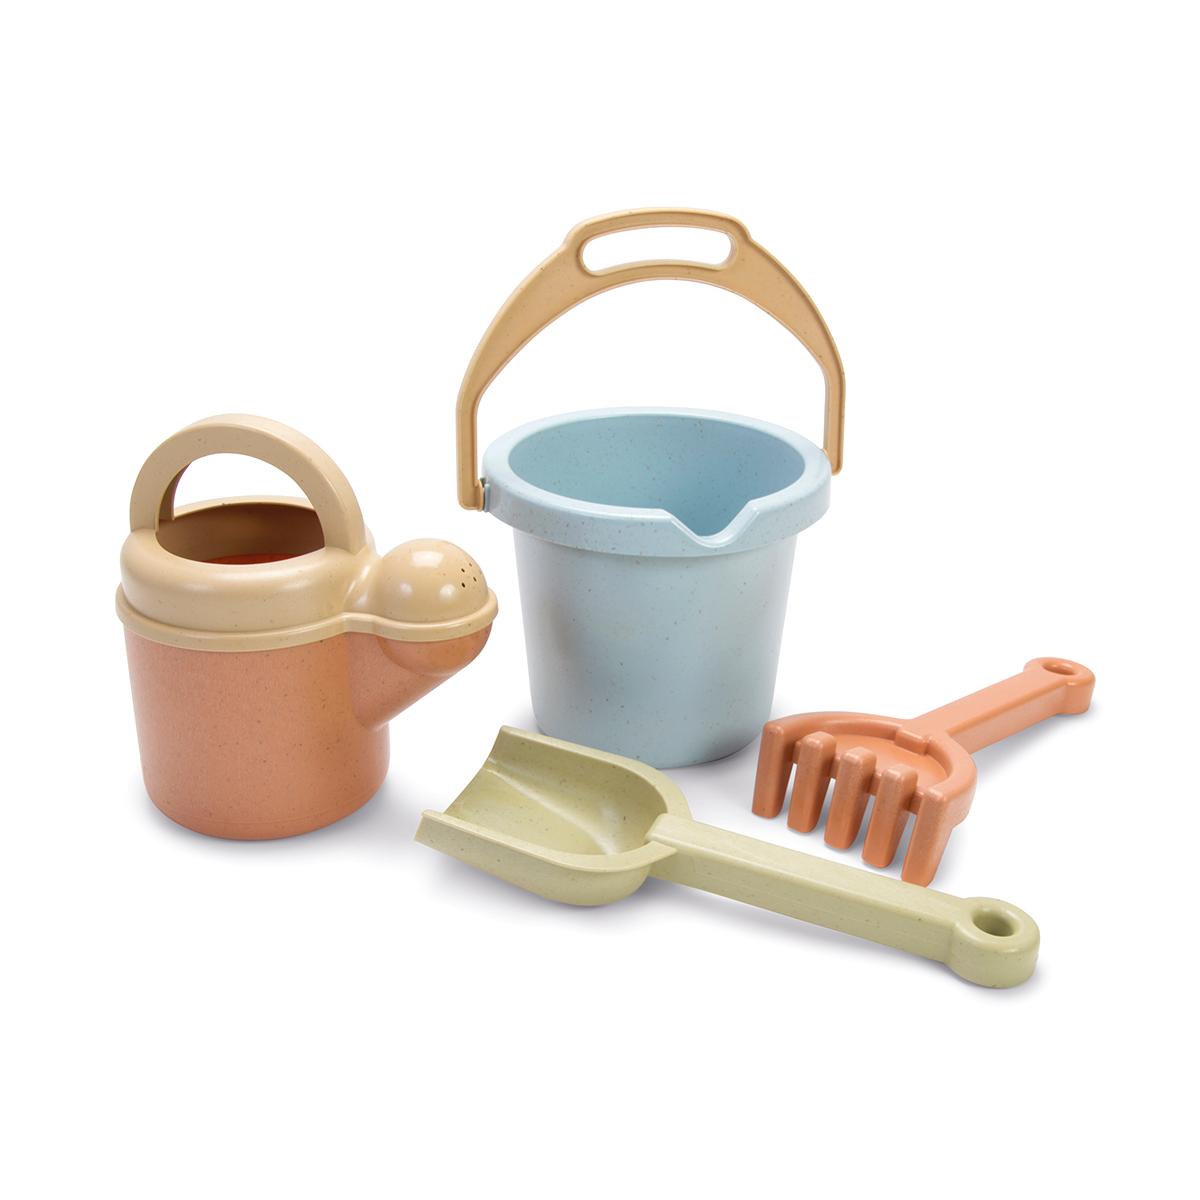 春の新商品 自然にやさしい「I'm green 砂あそびの道具」